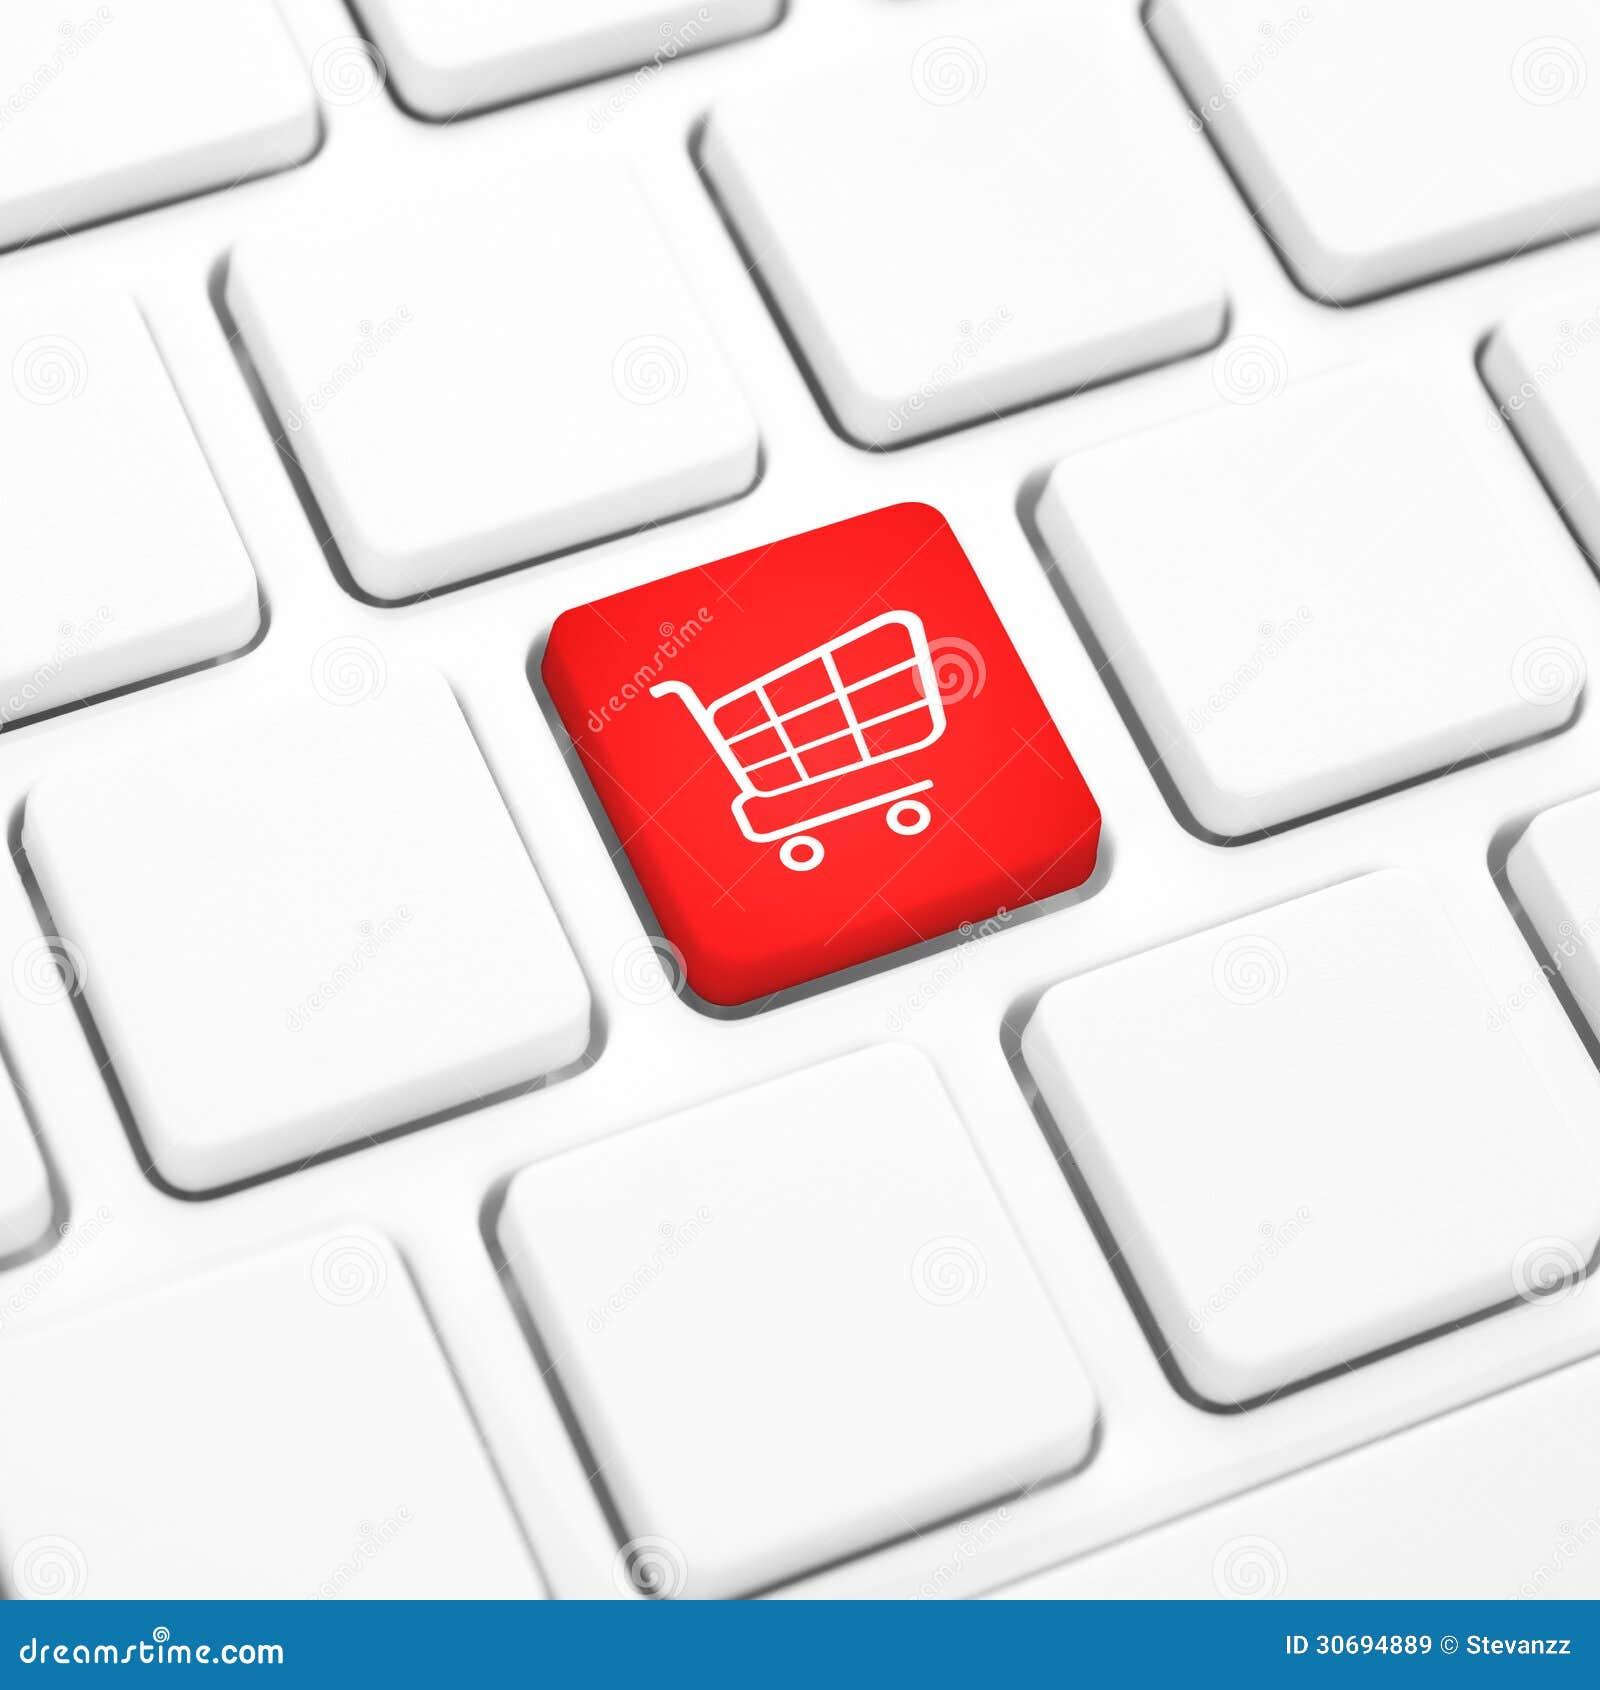 Sklepowy online biznesowy pojęcie. Czerwony wózek na zakupy guzik, klucz na klawiaturze lub